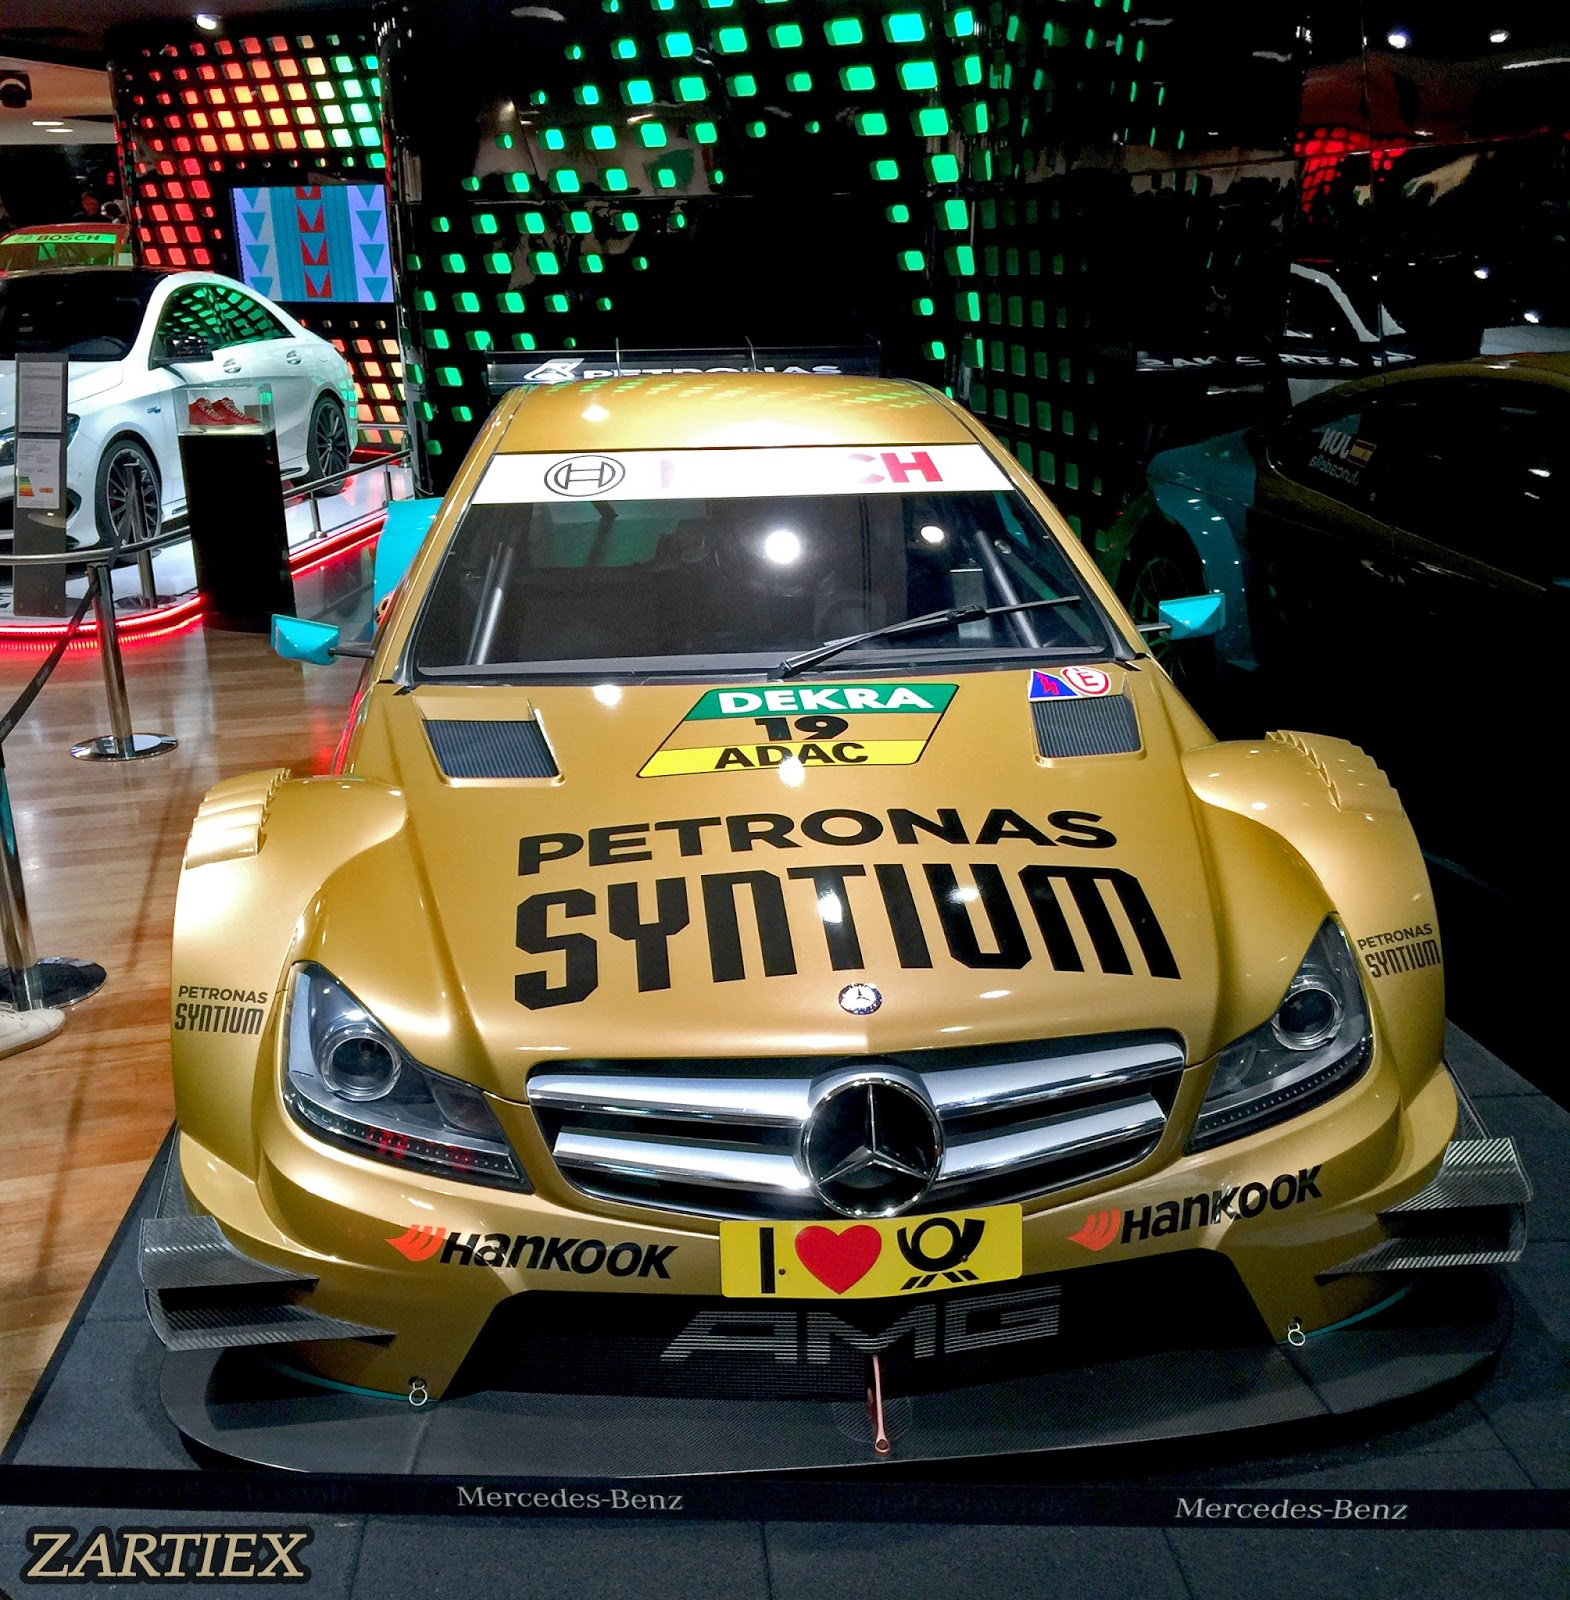 carreras de carros deportivos